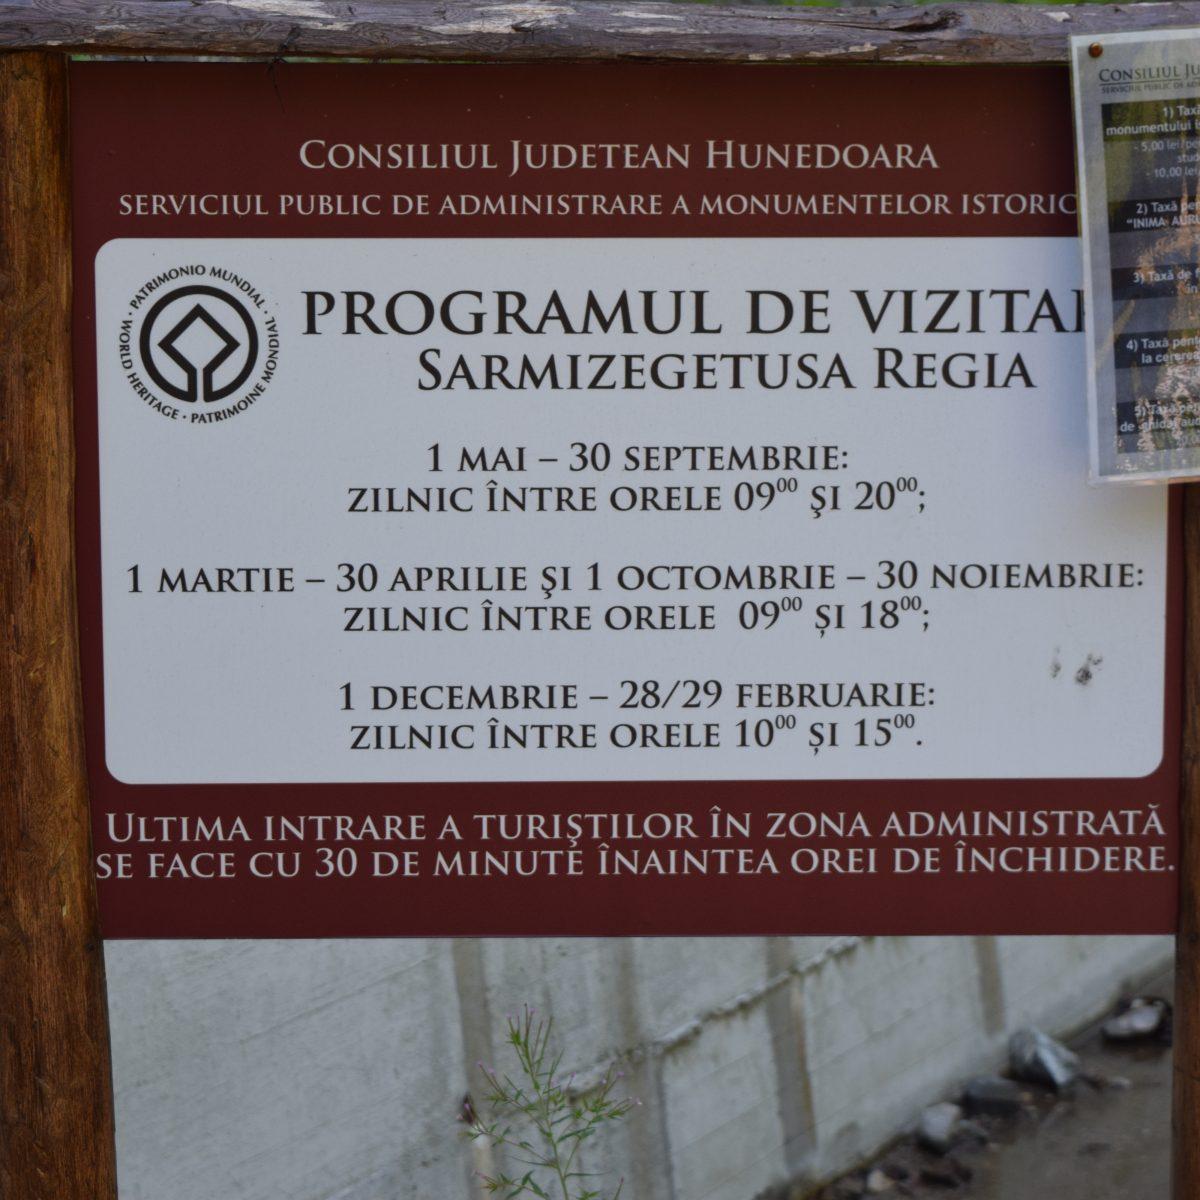 Horaires d'ouvertures de Sarmizegetusa Regia.